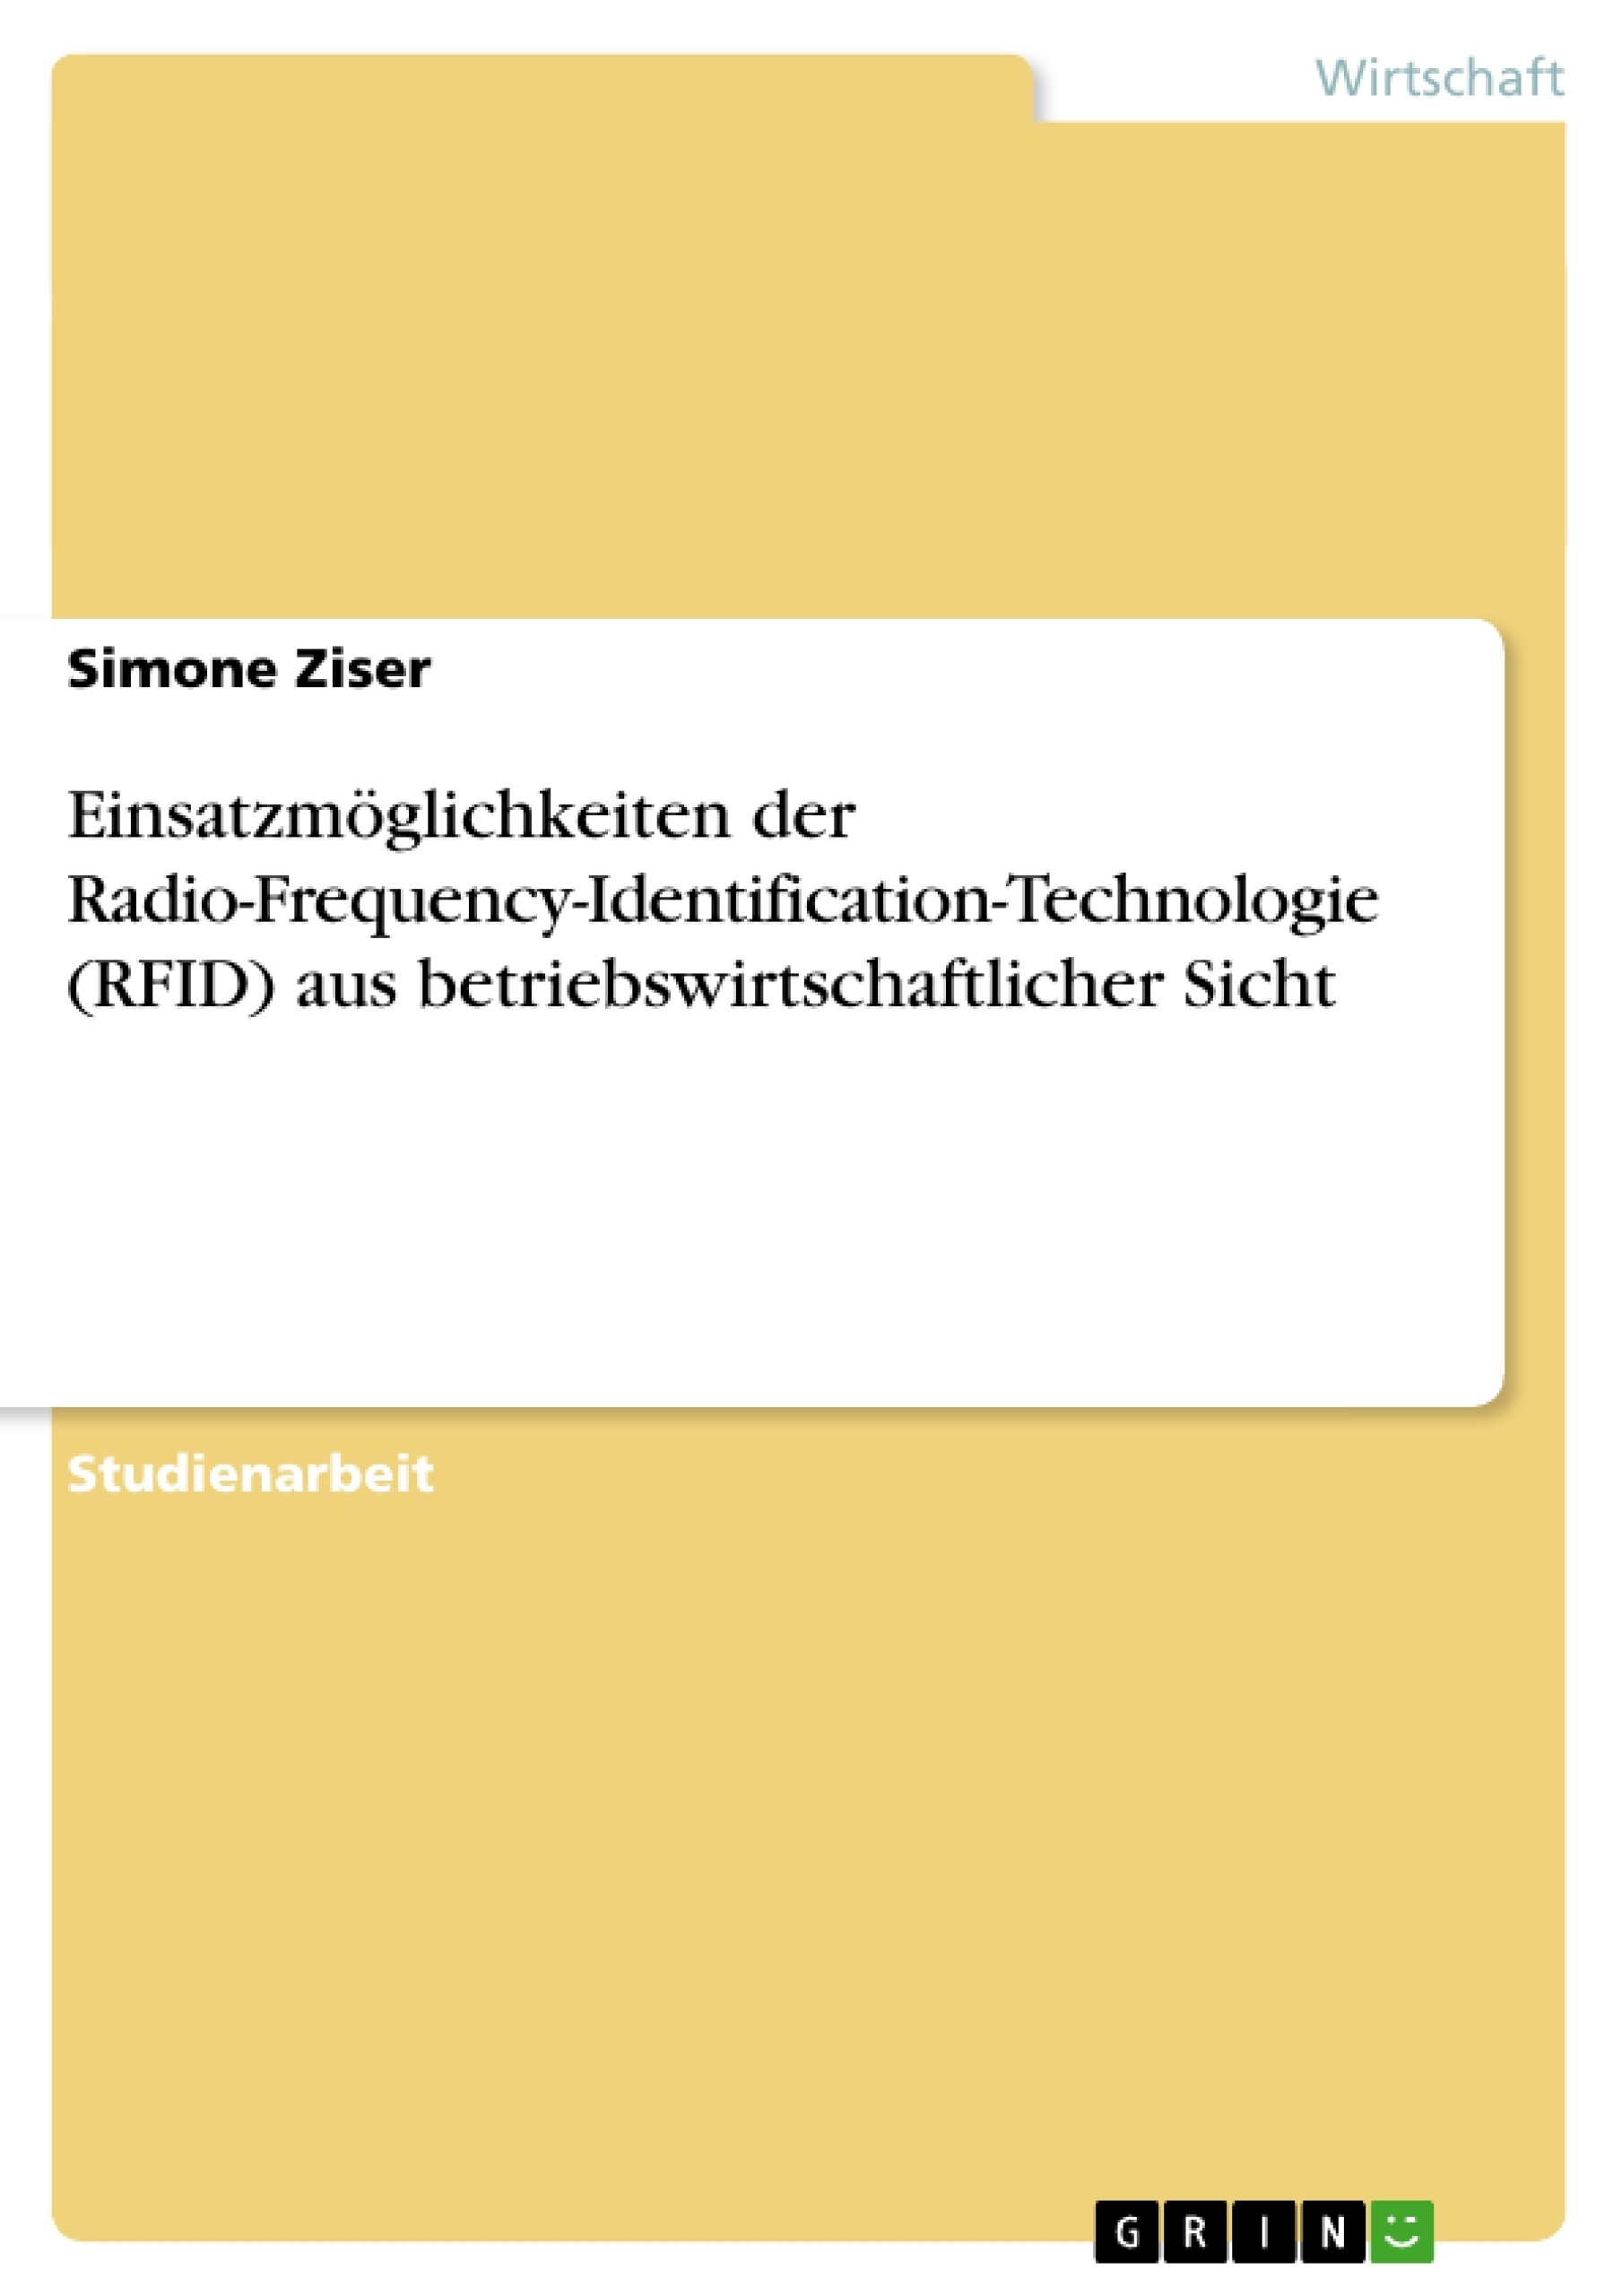 Titel: Einsatzmöglichkeiten der Radio-Frequency-Identification-Technologie (RFID) aus betriebswirtschaftlicher Sicht